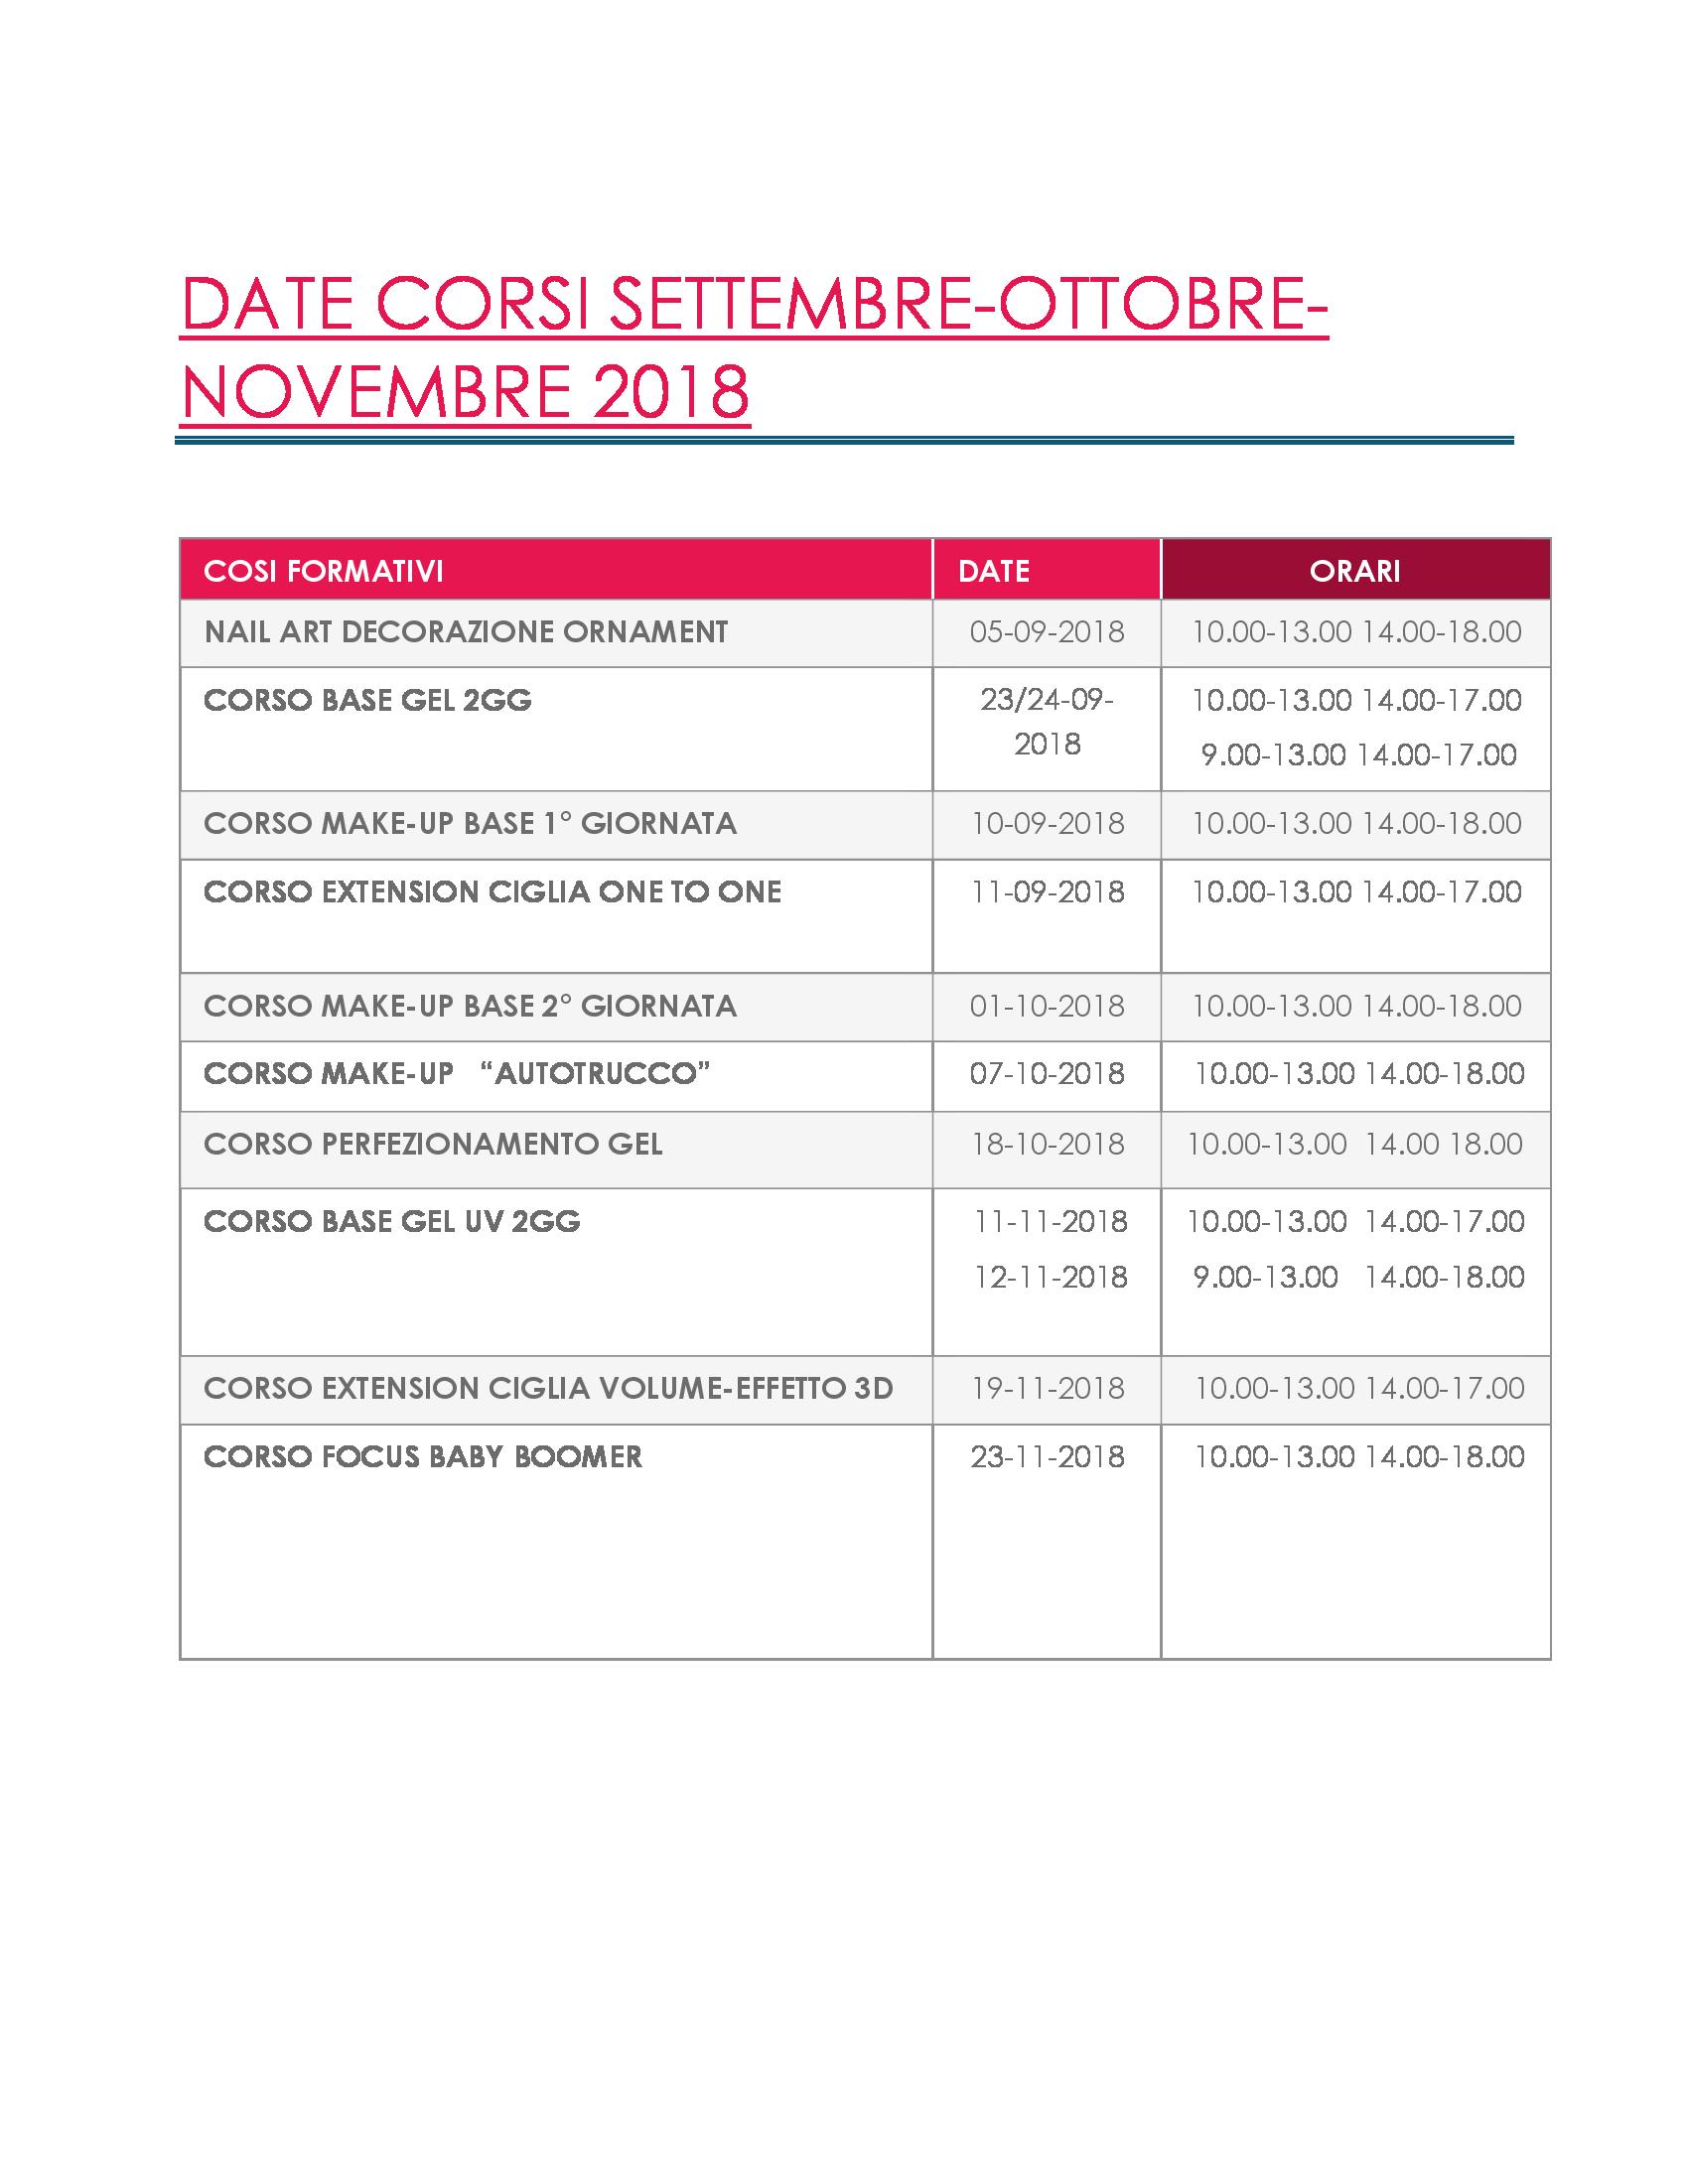 DATE CORSI SETTEMBRE-OTTOBRE-NOVEMBRE 2018